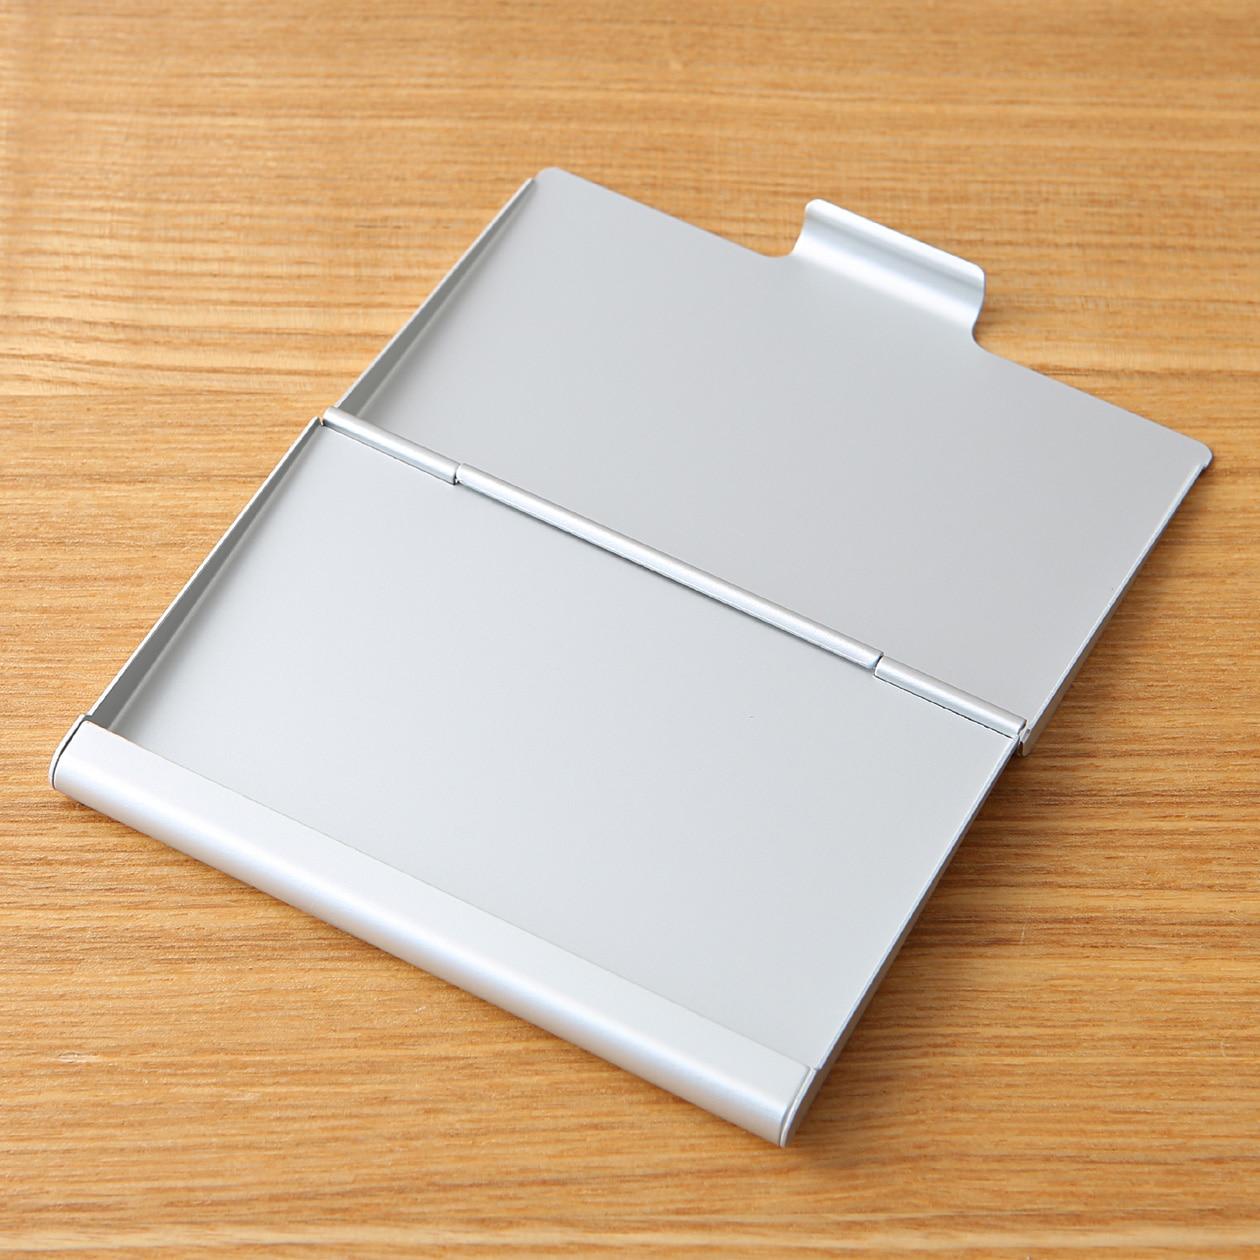 【無印良品】「ポリプロピレン カードボックス」でスッキリ収納術3選